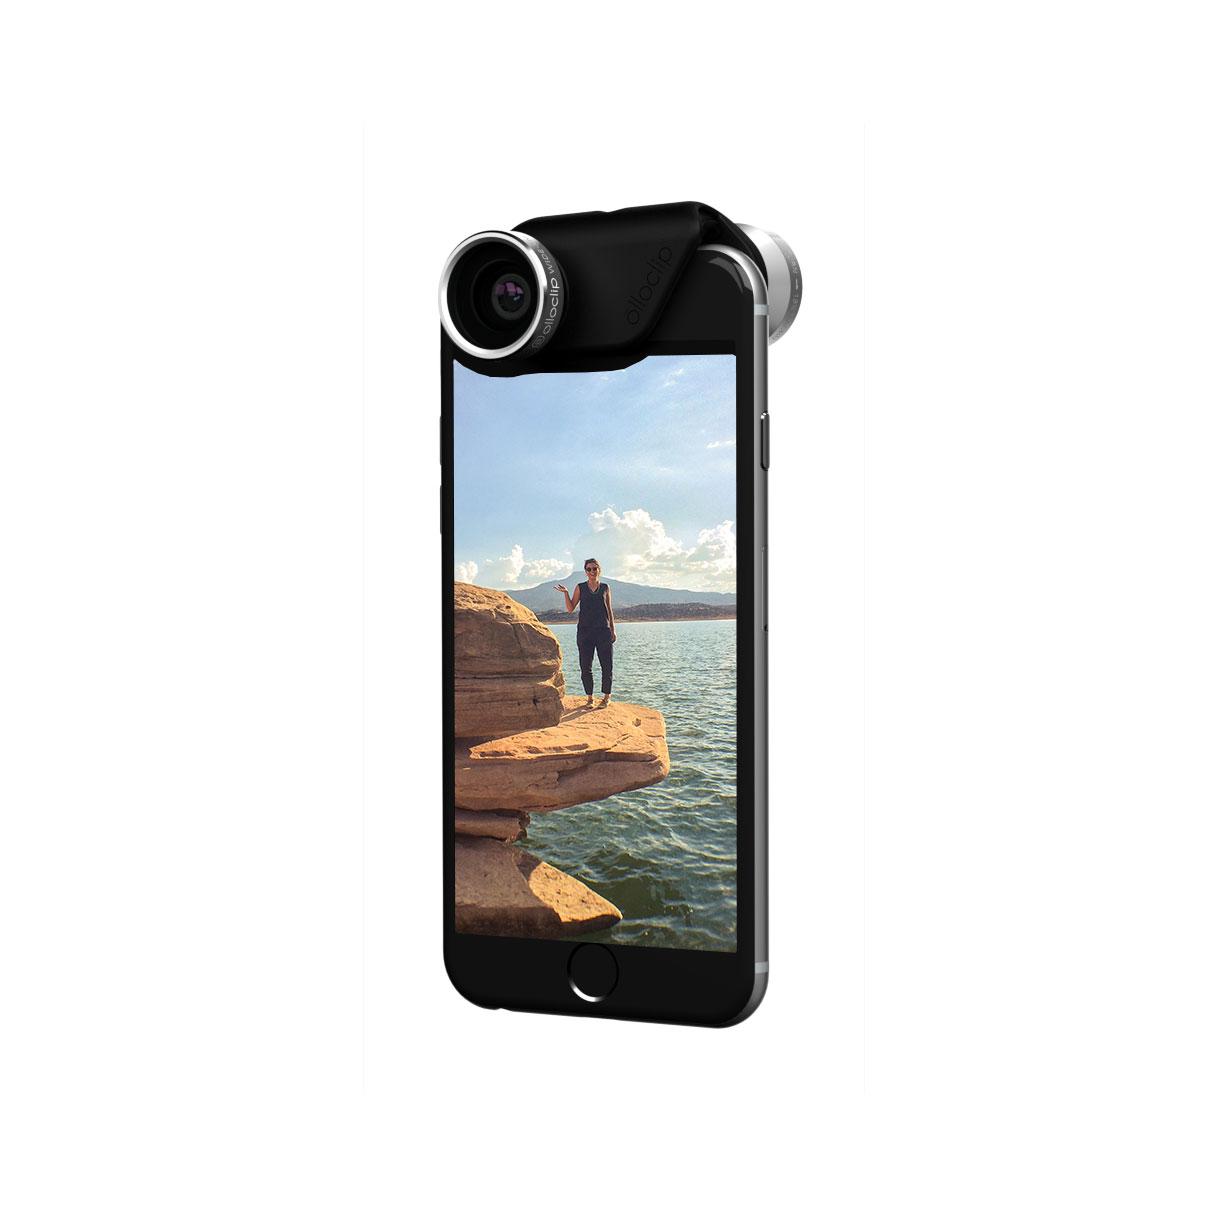 Mobile Lenses